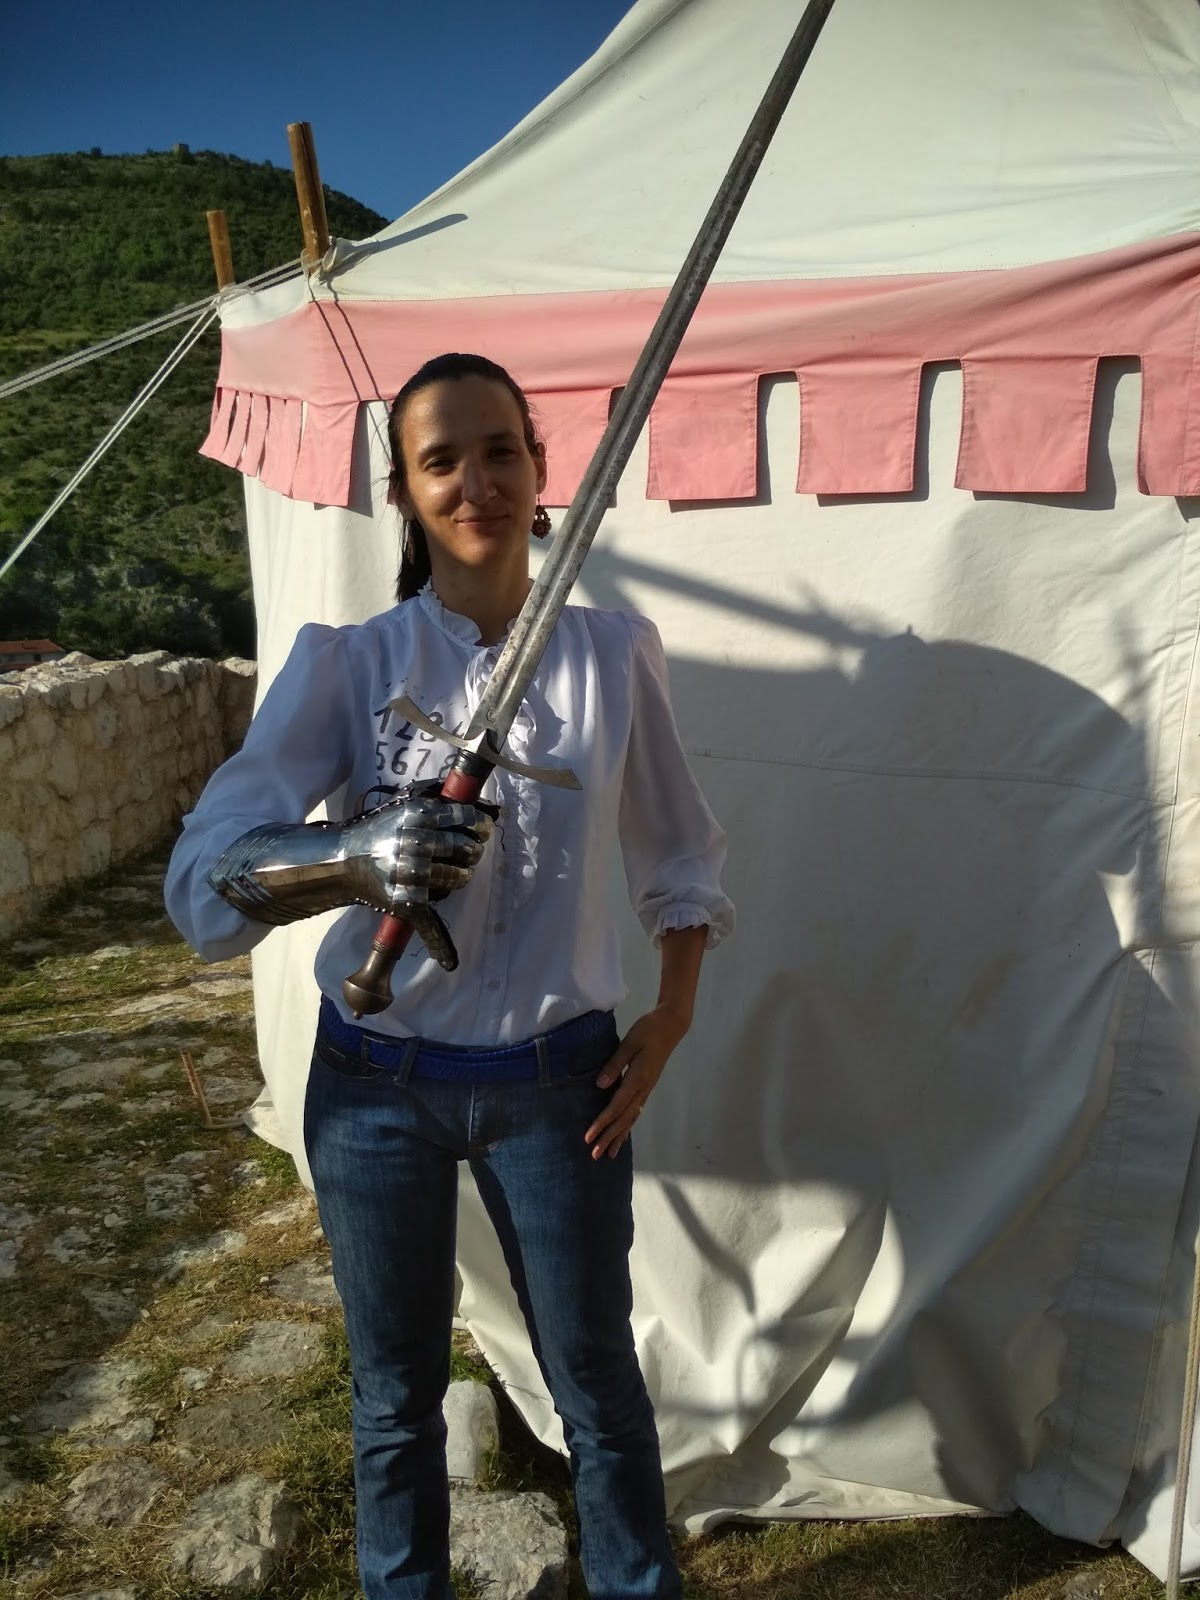 Medieval Fair in Stolac, Bosnia and Herzegovina (part 1) / Srednjovjekovni sajam Stolačka Tarča 2018 (prvi dio)